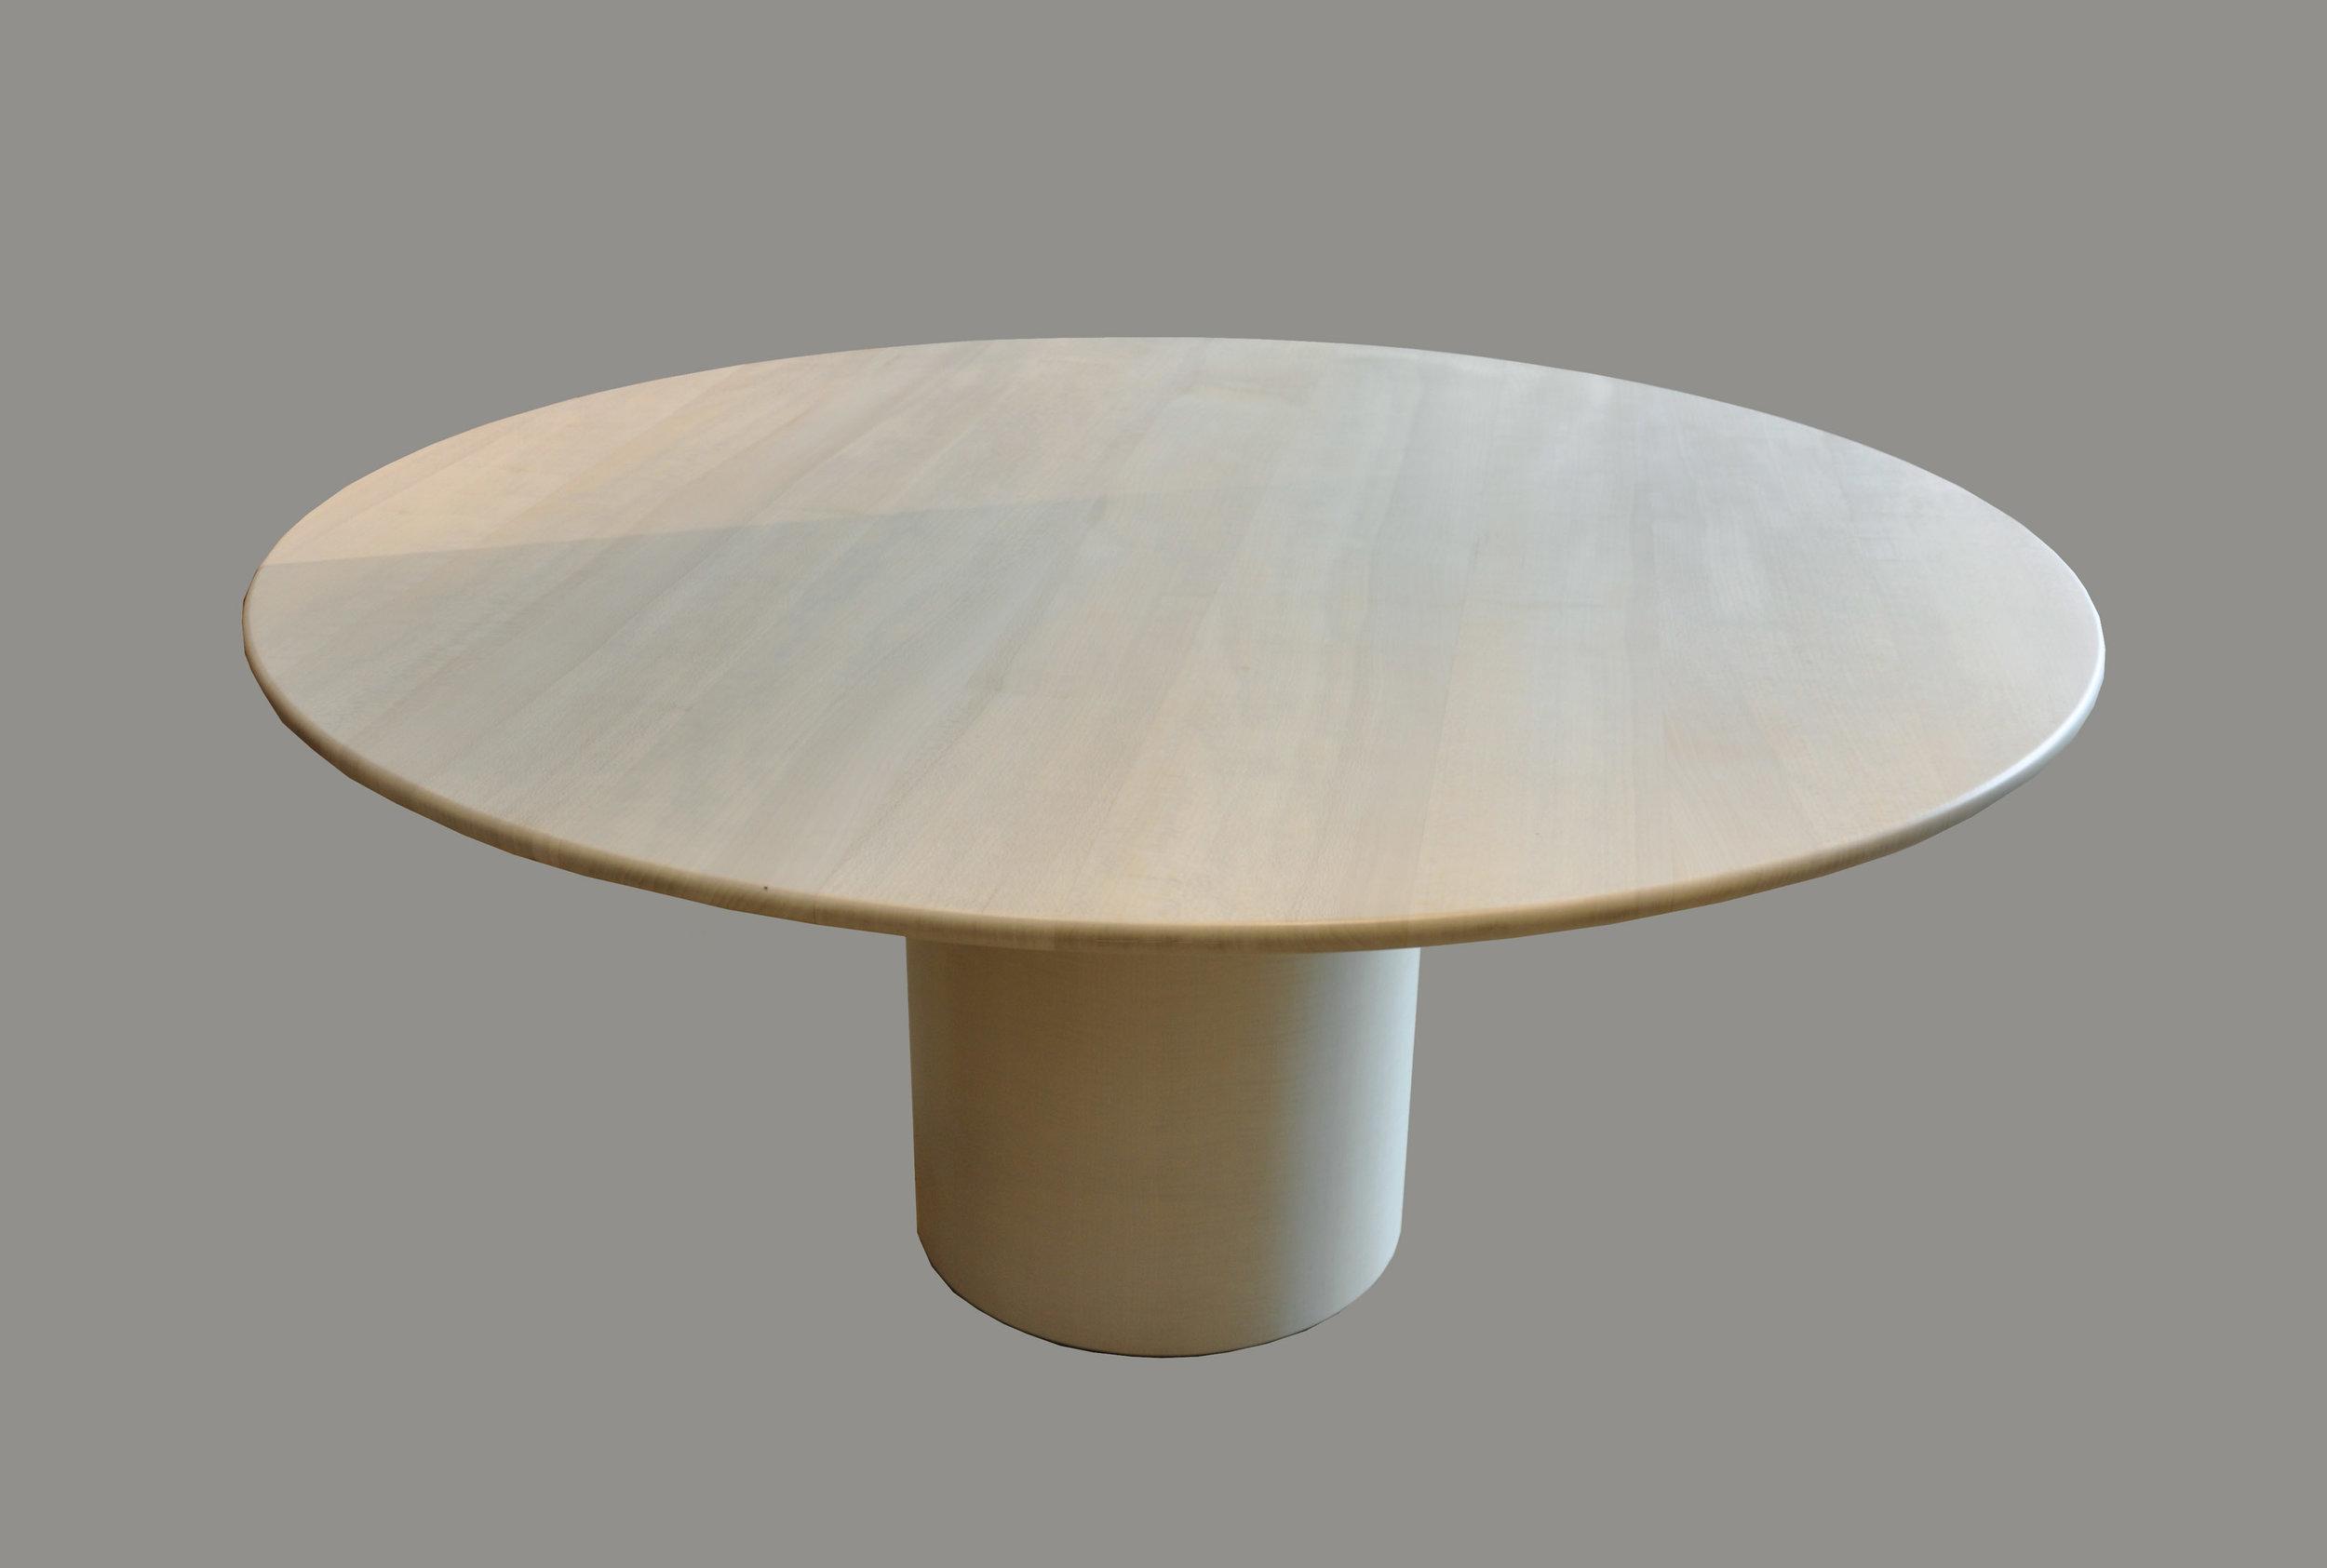 Saarinen Drum Table Base